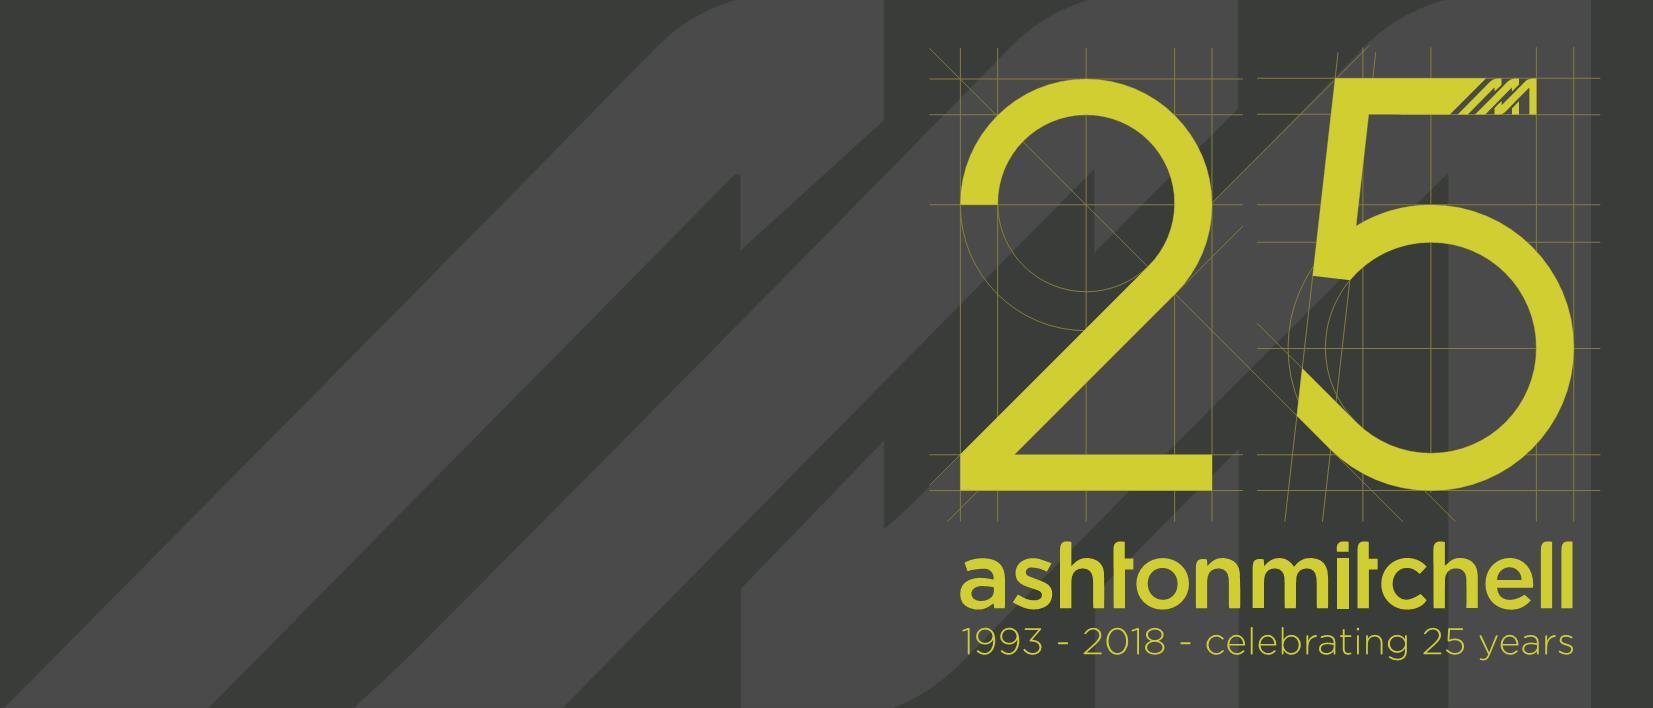 Ashton Mitchell 25th Anniversary Celebration